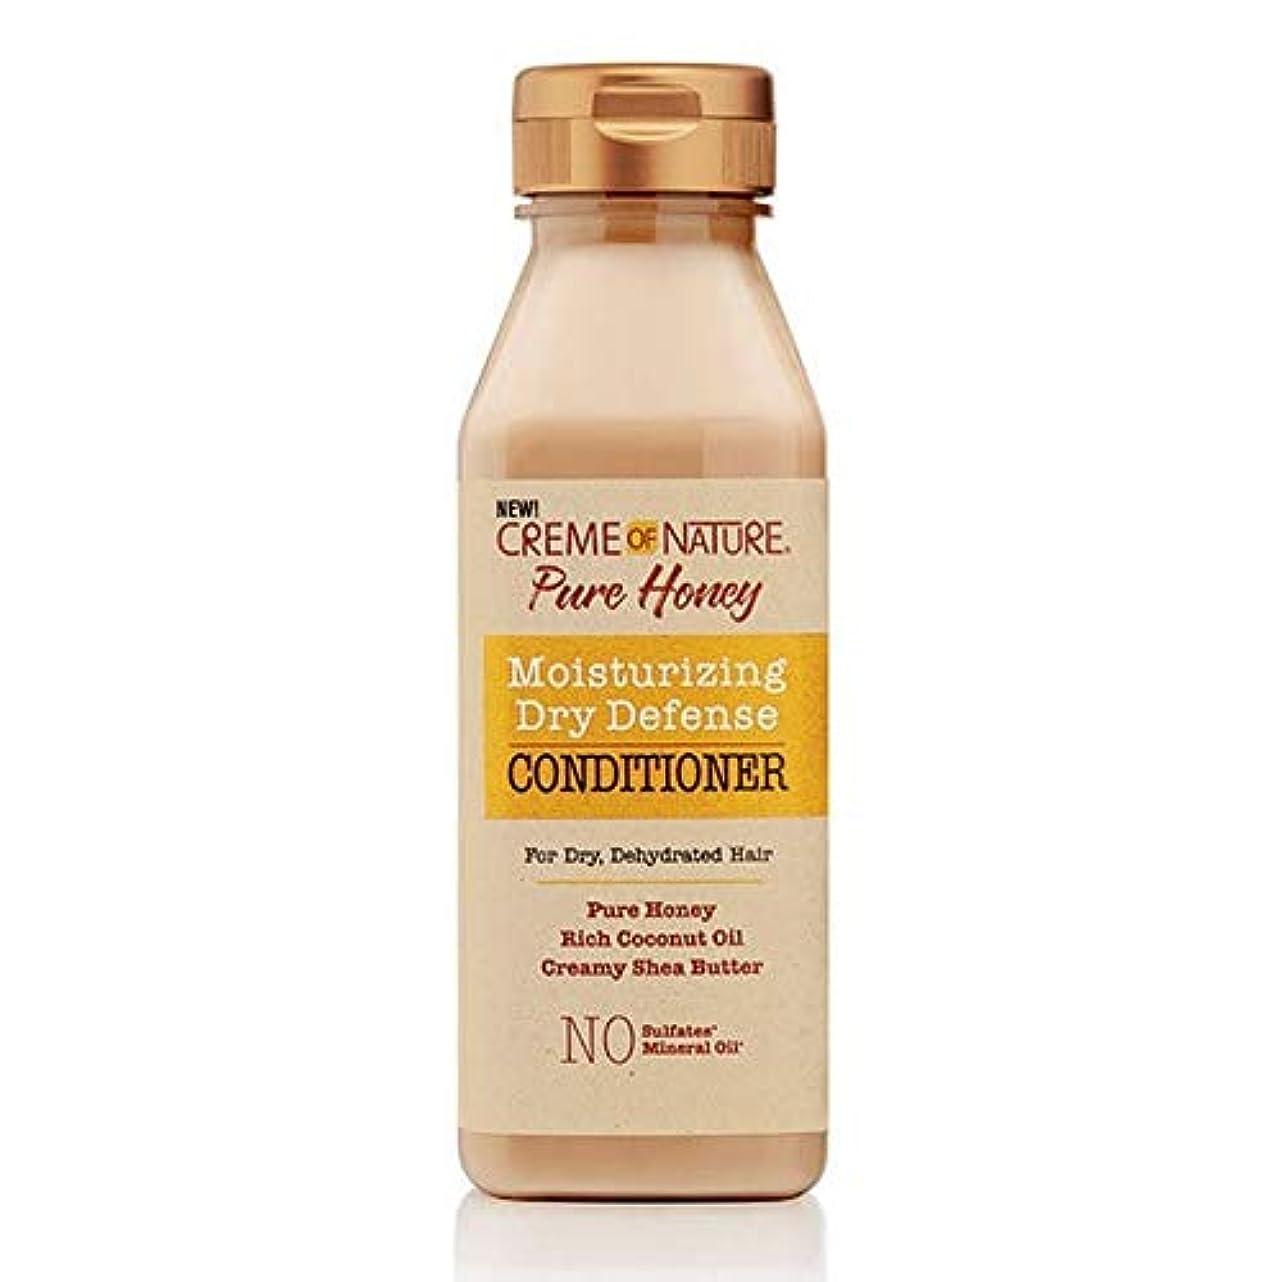 興奮財団酸[Creme of Nature ] 自然の純粋蜂蜜ドライ防衛コンディショナー355ミリリットルのクリーム - Creme of Nature Pure Honey Dry Defence Conditioner 355ml...